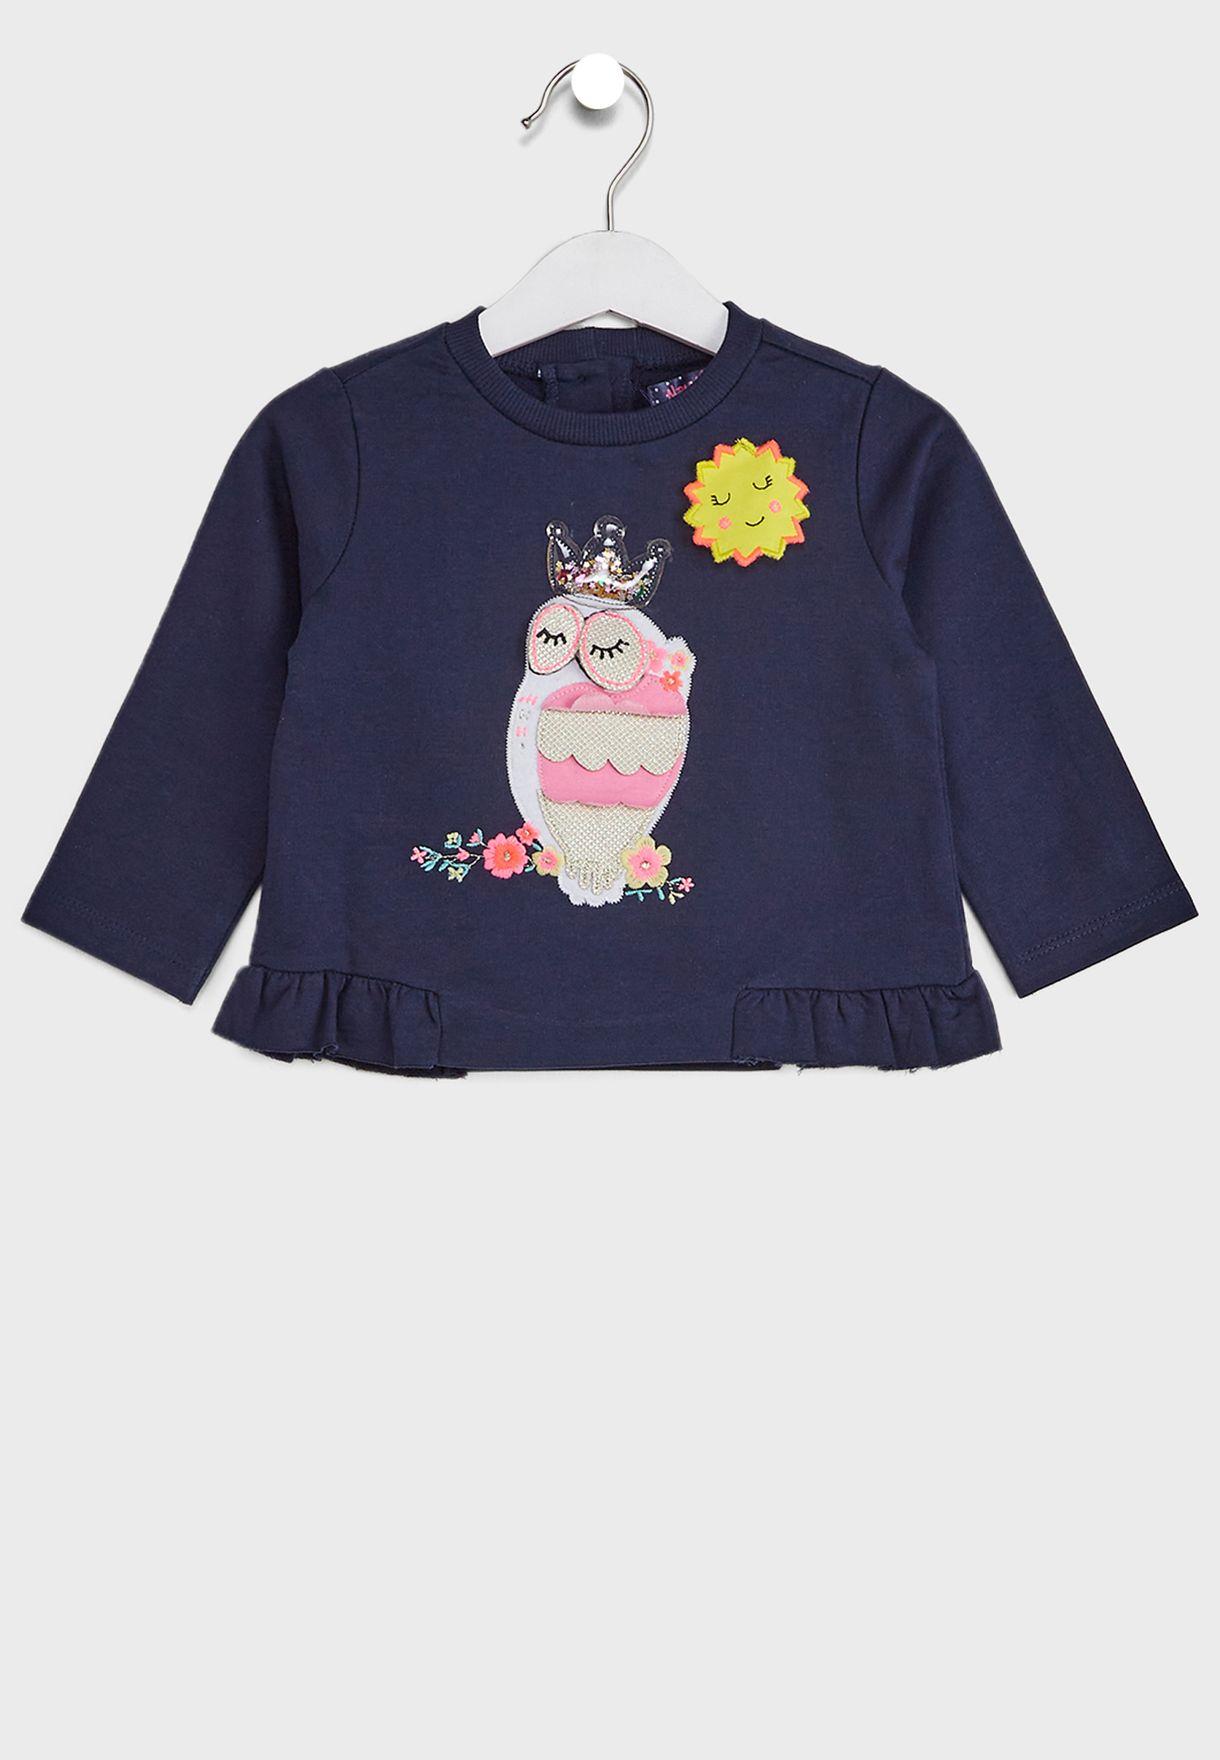 Infant Applique Clothing Set